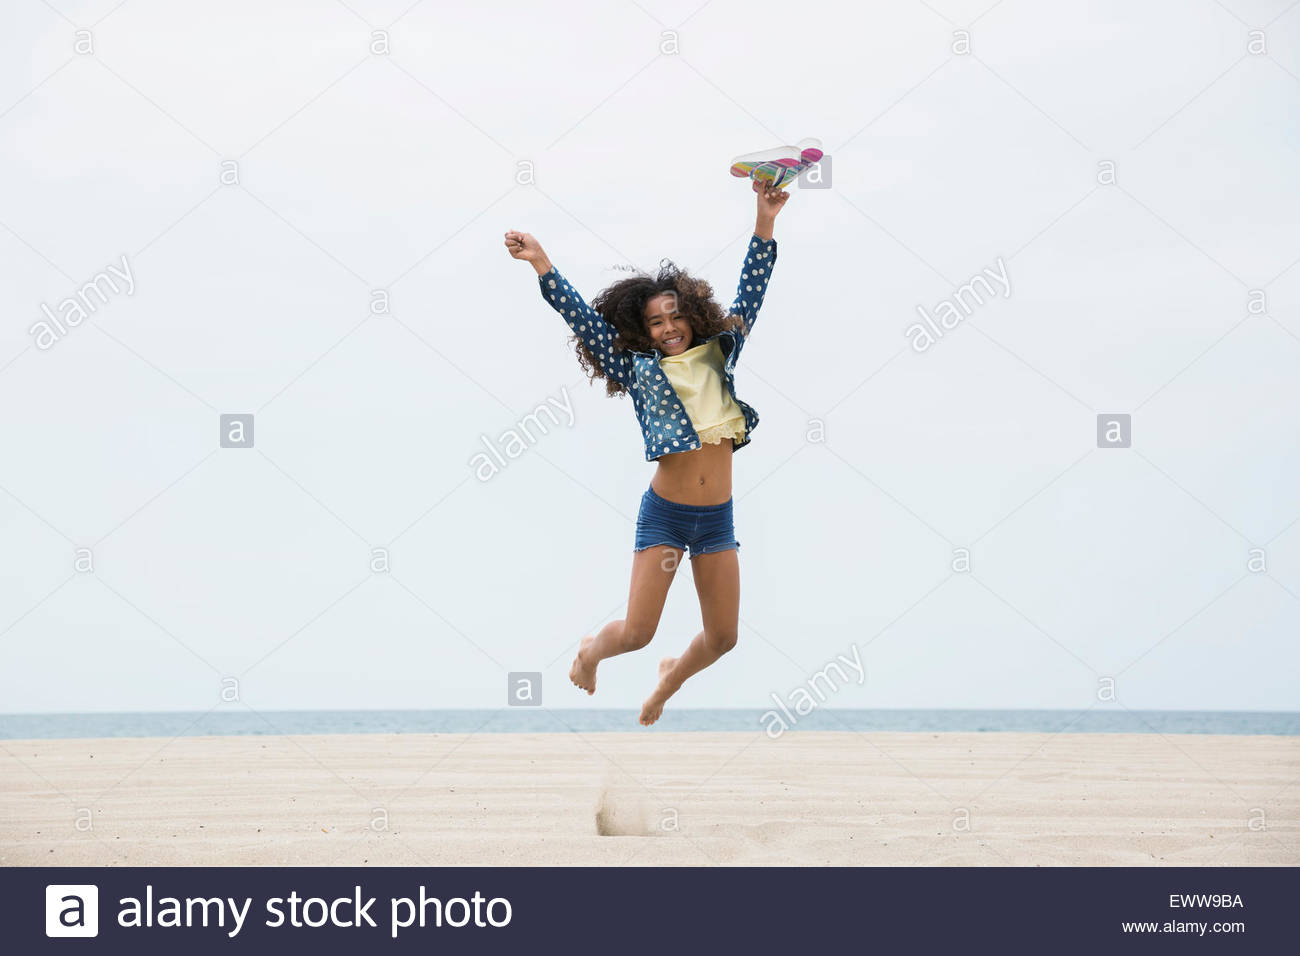 Retrato exuberante chica saltando en la playa Imagen De Stock